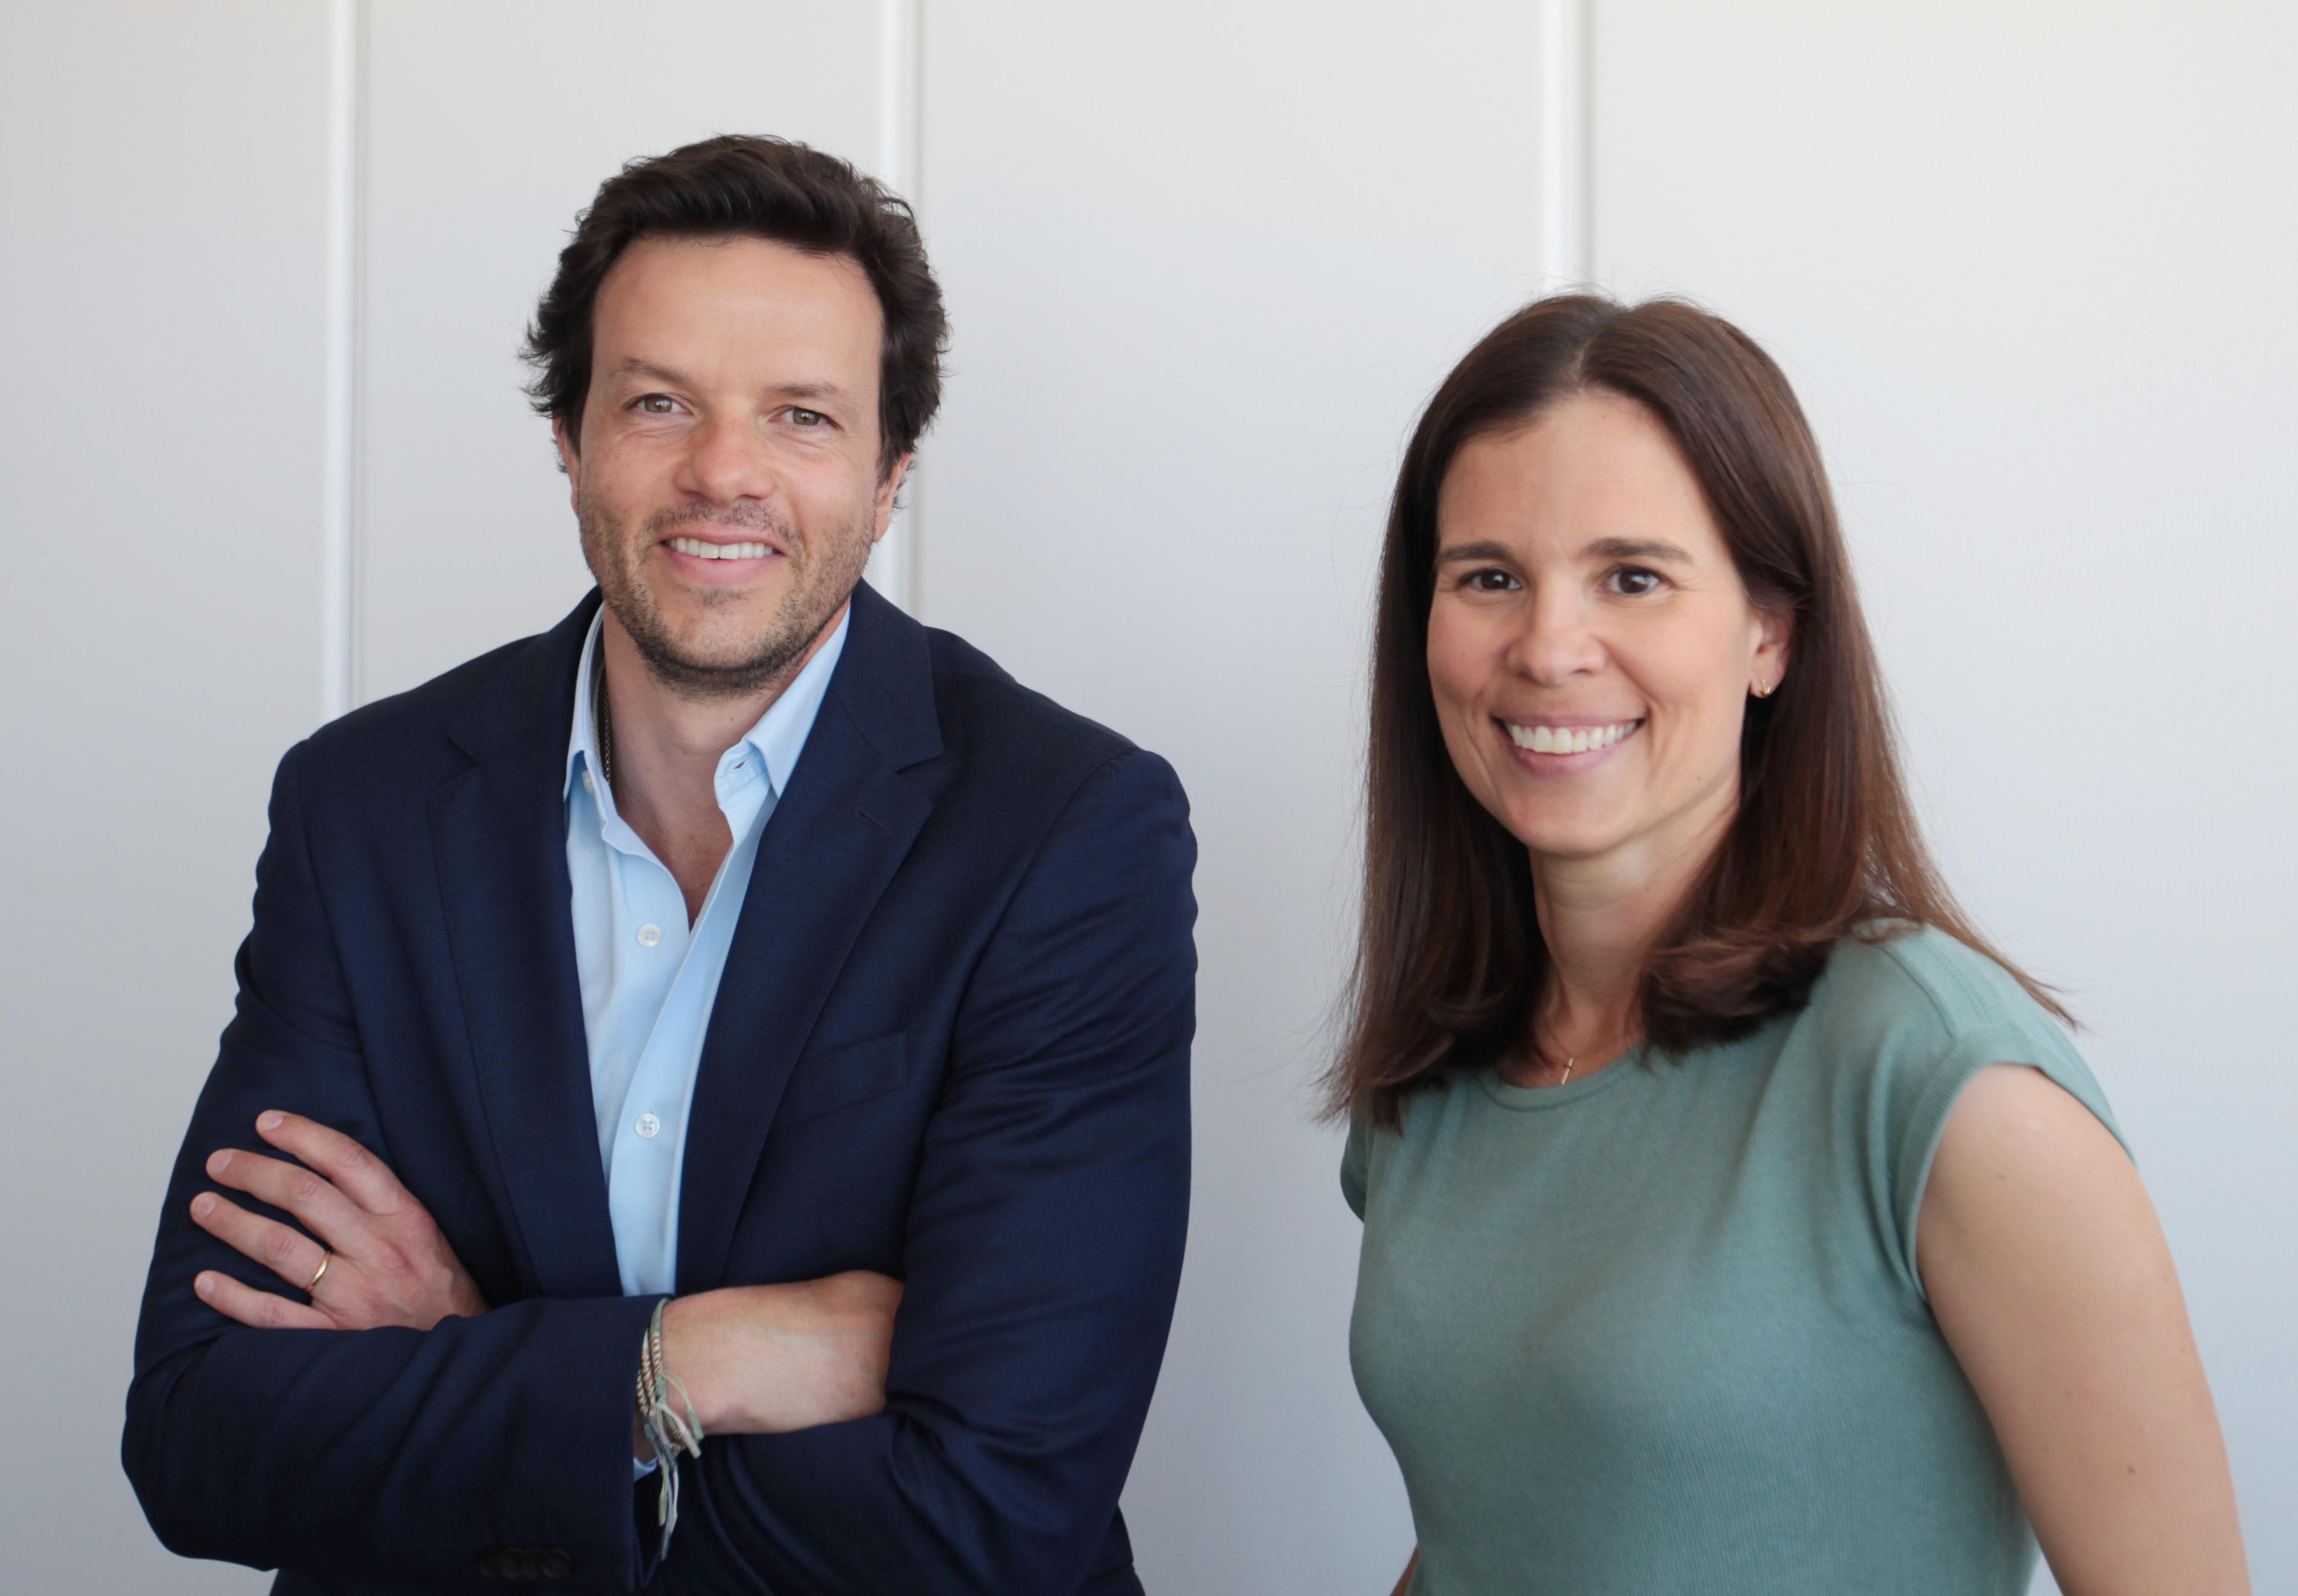 Vasco Pereira Coutinho, diretor geral da Lince, e Vera Eloy, diretora comercial / Lince Real Estate